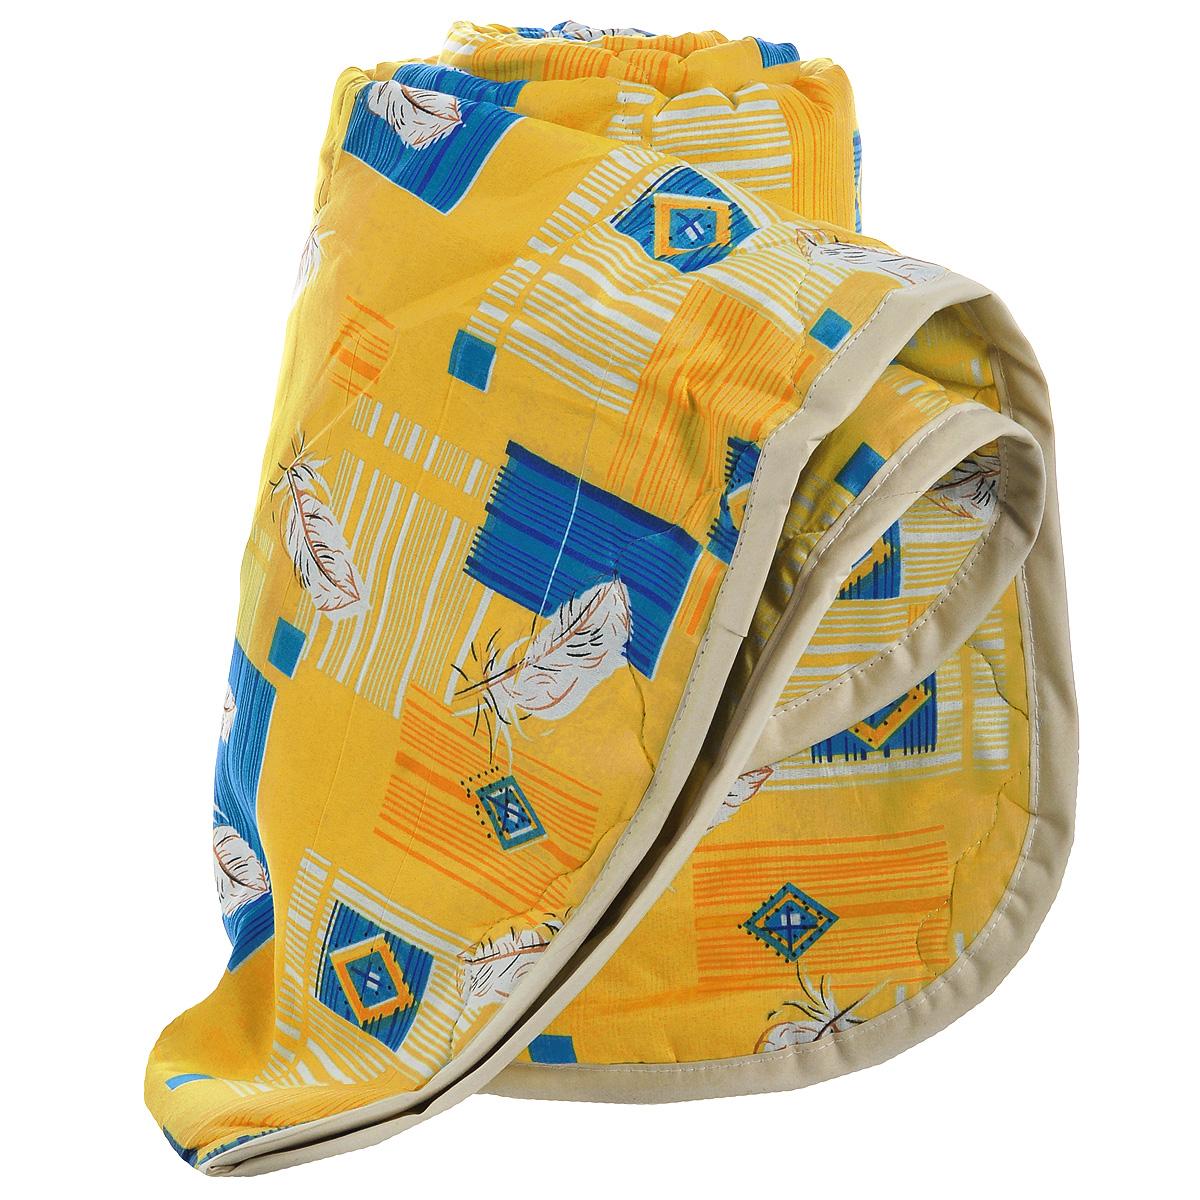 Одеяло всесезонное OL-Tex Miotex, наполнитель: полиэфирное волокно Holfiteks, цвет: желтый, синий, 140 см х 205 смМХПЭ-15-3_желтый, синийВсесезонное одеяло OL-Tex Miotex создаст комфорт и уют во время сна. Стеганый чехол выполнен из полиэстера и оформлен красочным рисунком. Внутри - современный наполнитель из полиэфирного высокосиликонизированного волокна Holfiteks, упругий и качественный. Холфитекс - современный экологически чистый синтетический материал, изготовленный по новейшим технологиям. Его уникальность заключается в расположении волокон, которые позволяют моментально восстанавливать форму и сохранять ее долгое время. Изделия с использованием Холфитекса очень удобны в эксплуатации - их можно часто стирать без потери потребительских свойств, они быстро высыхают, не впитывают запахов и совершенно гиппоаллергенны. Холфитекс также обеспечивает хорошую терморегуляцию, поэтому изделия с наполнителем из холфитекса очень комфортны в использовании. Одеяло с современным упругим наполнителем Холфитекс порадует вас в любое время года. Оно комфортно согревает и создает отличный микроклимат. За одеялом легко...